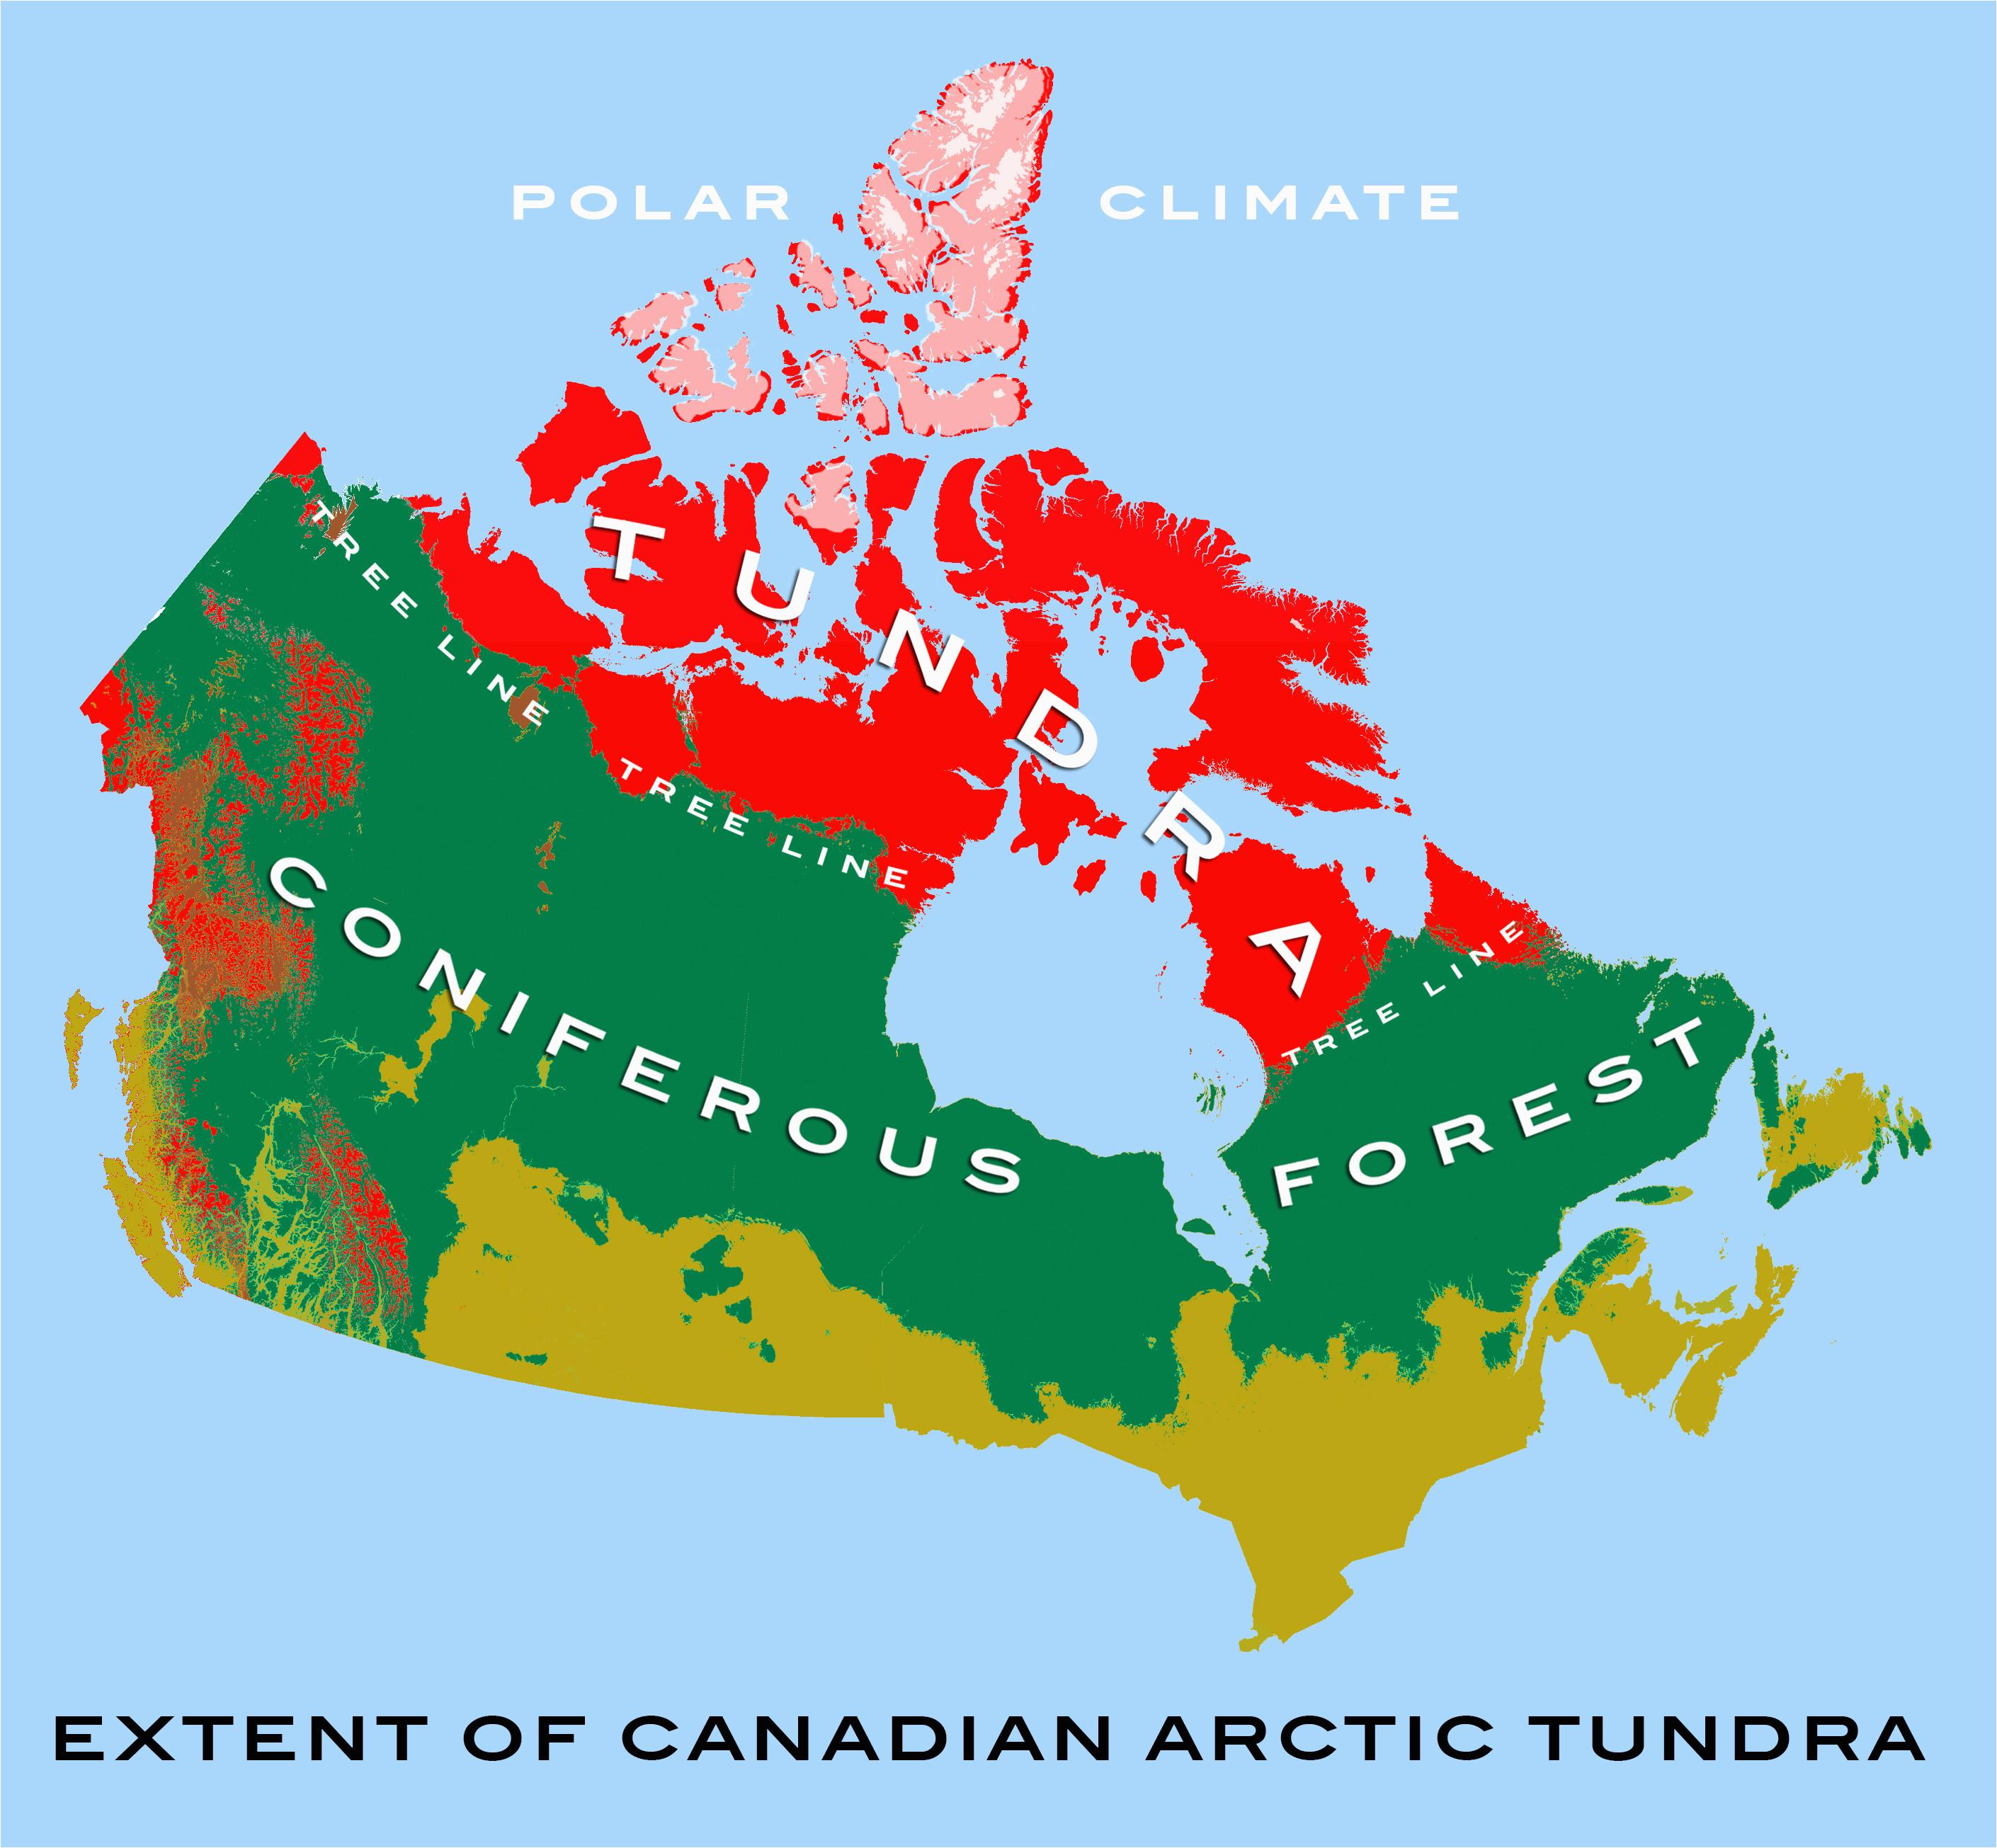 canadian arctic tundra wikipedia